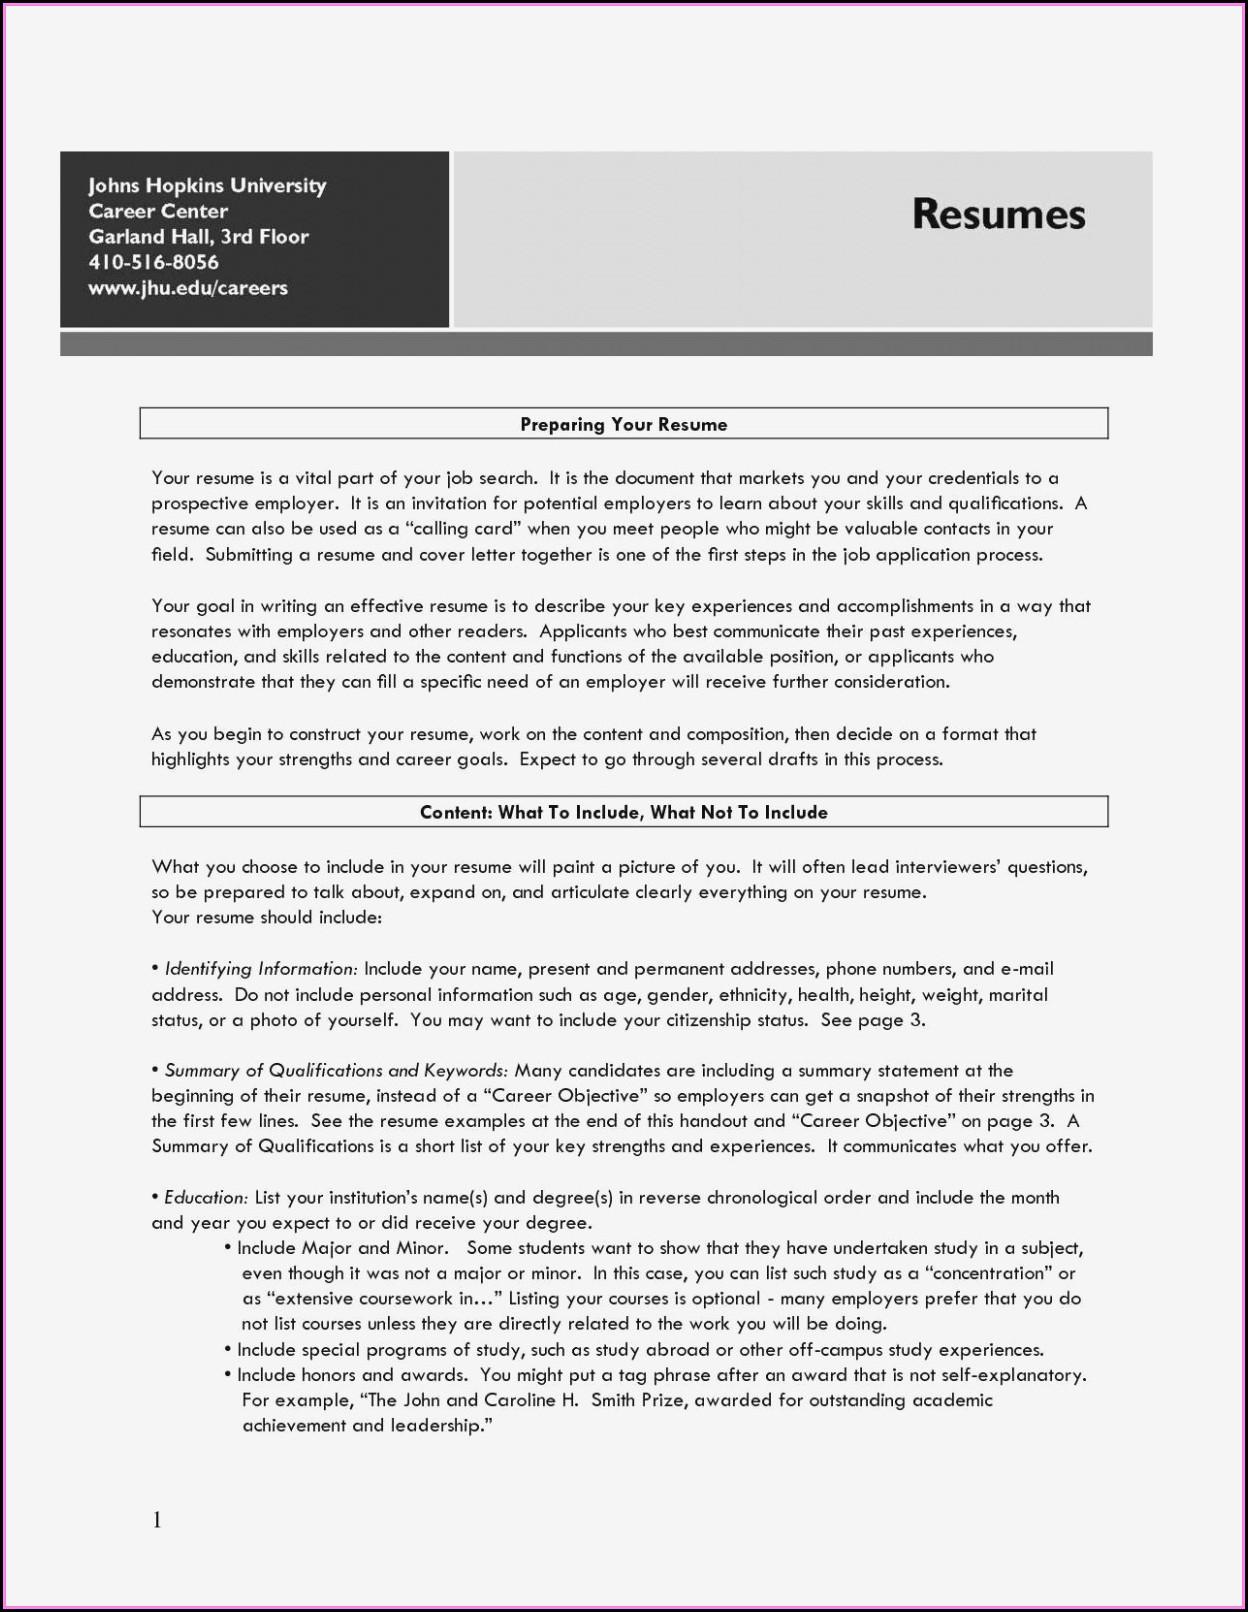 Careerbuilder Resume Format